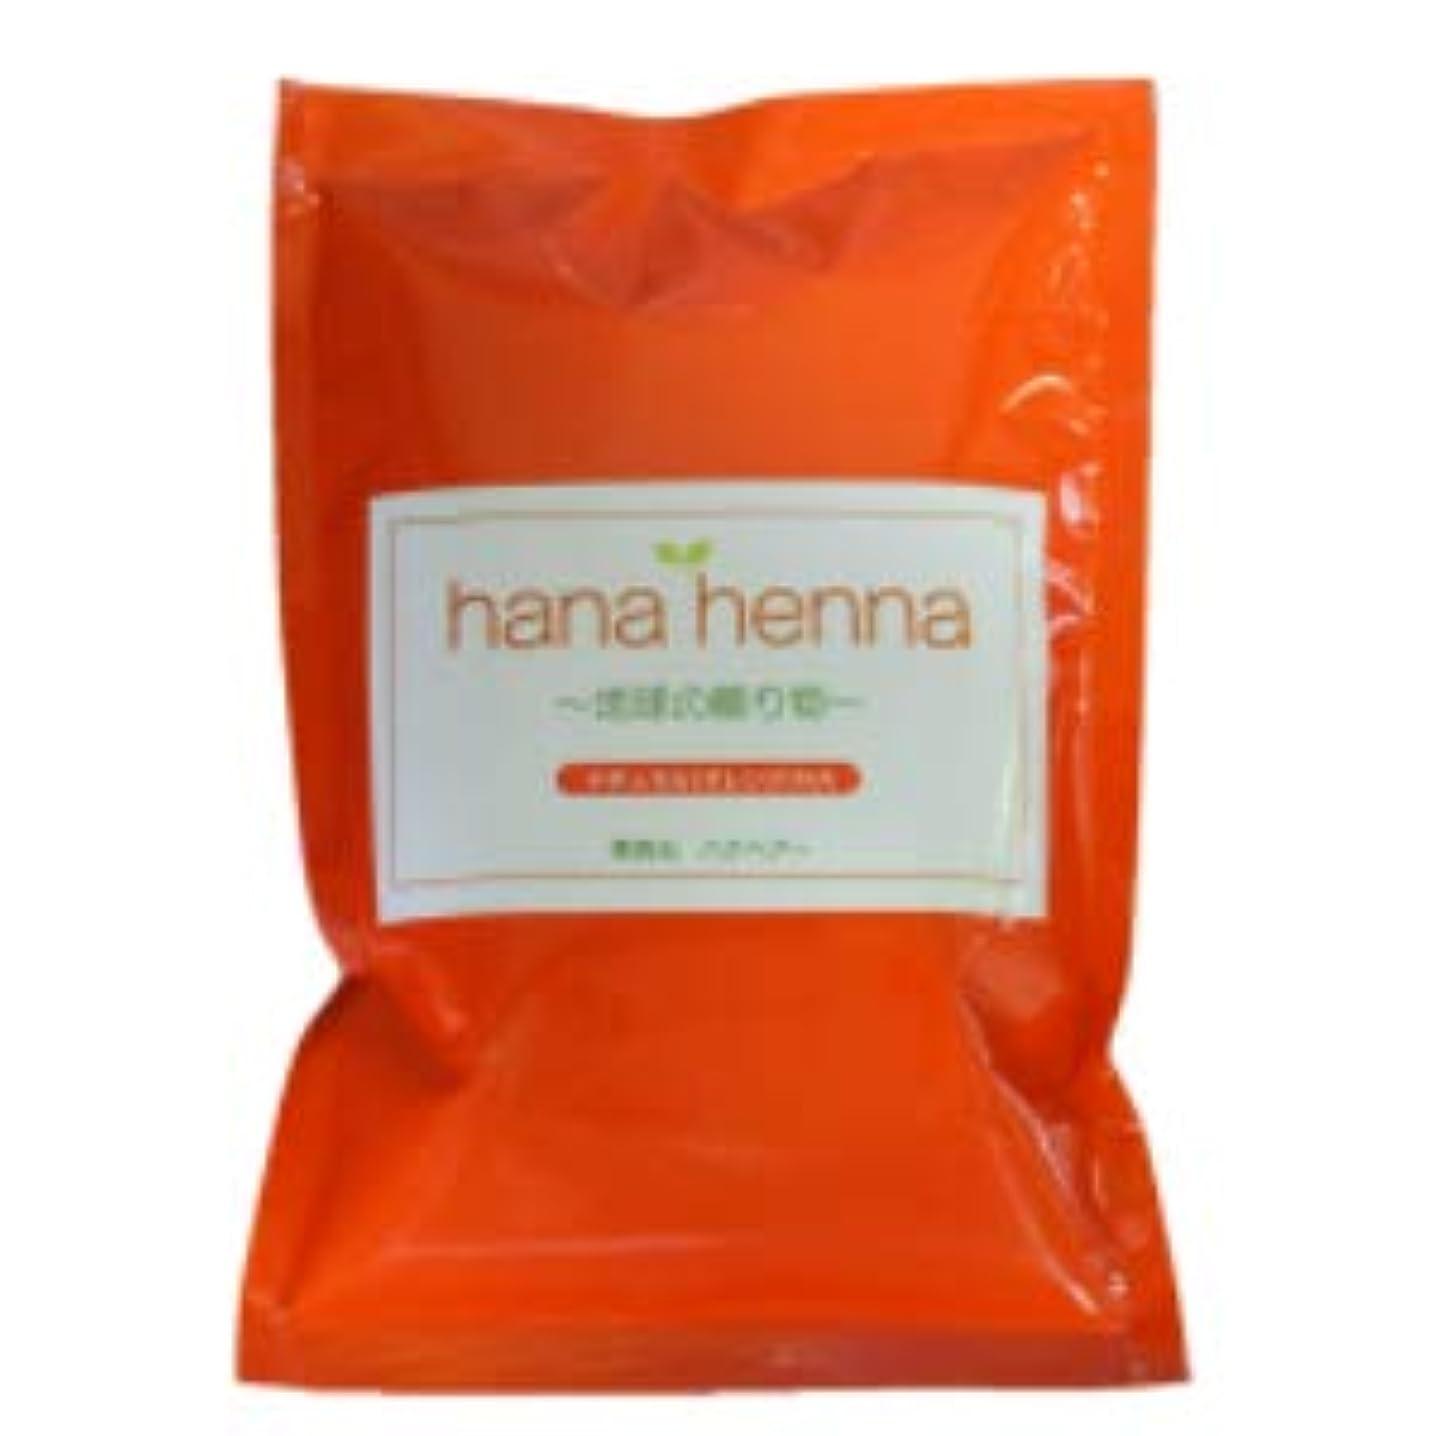 引き金コンパニオン移植hana henna ハナヘナ ナチュラル(オレンジ)100g